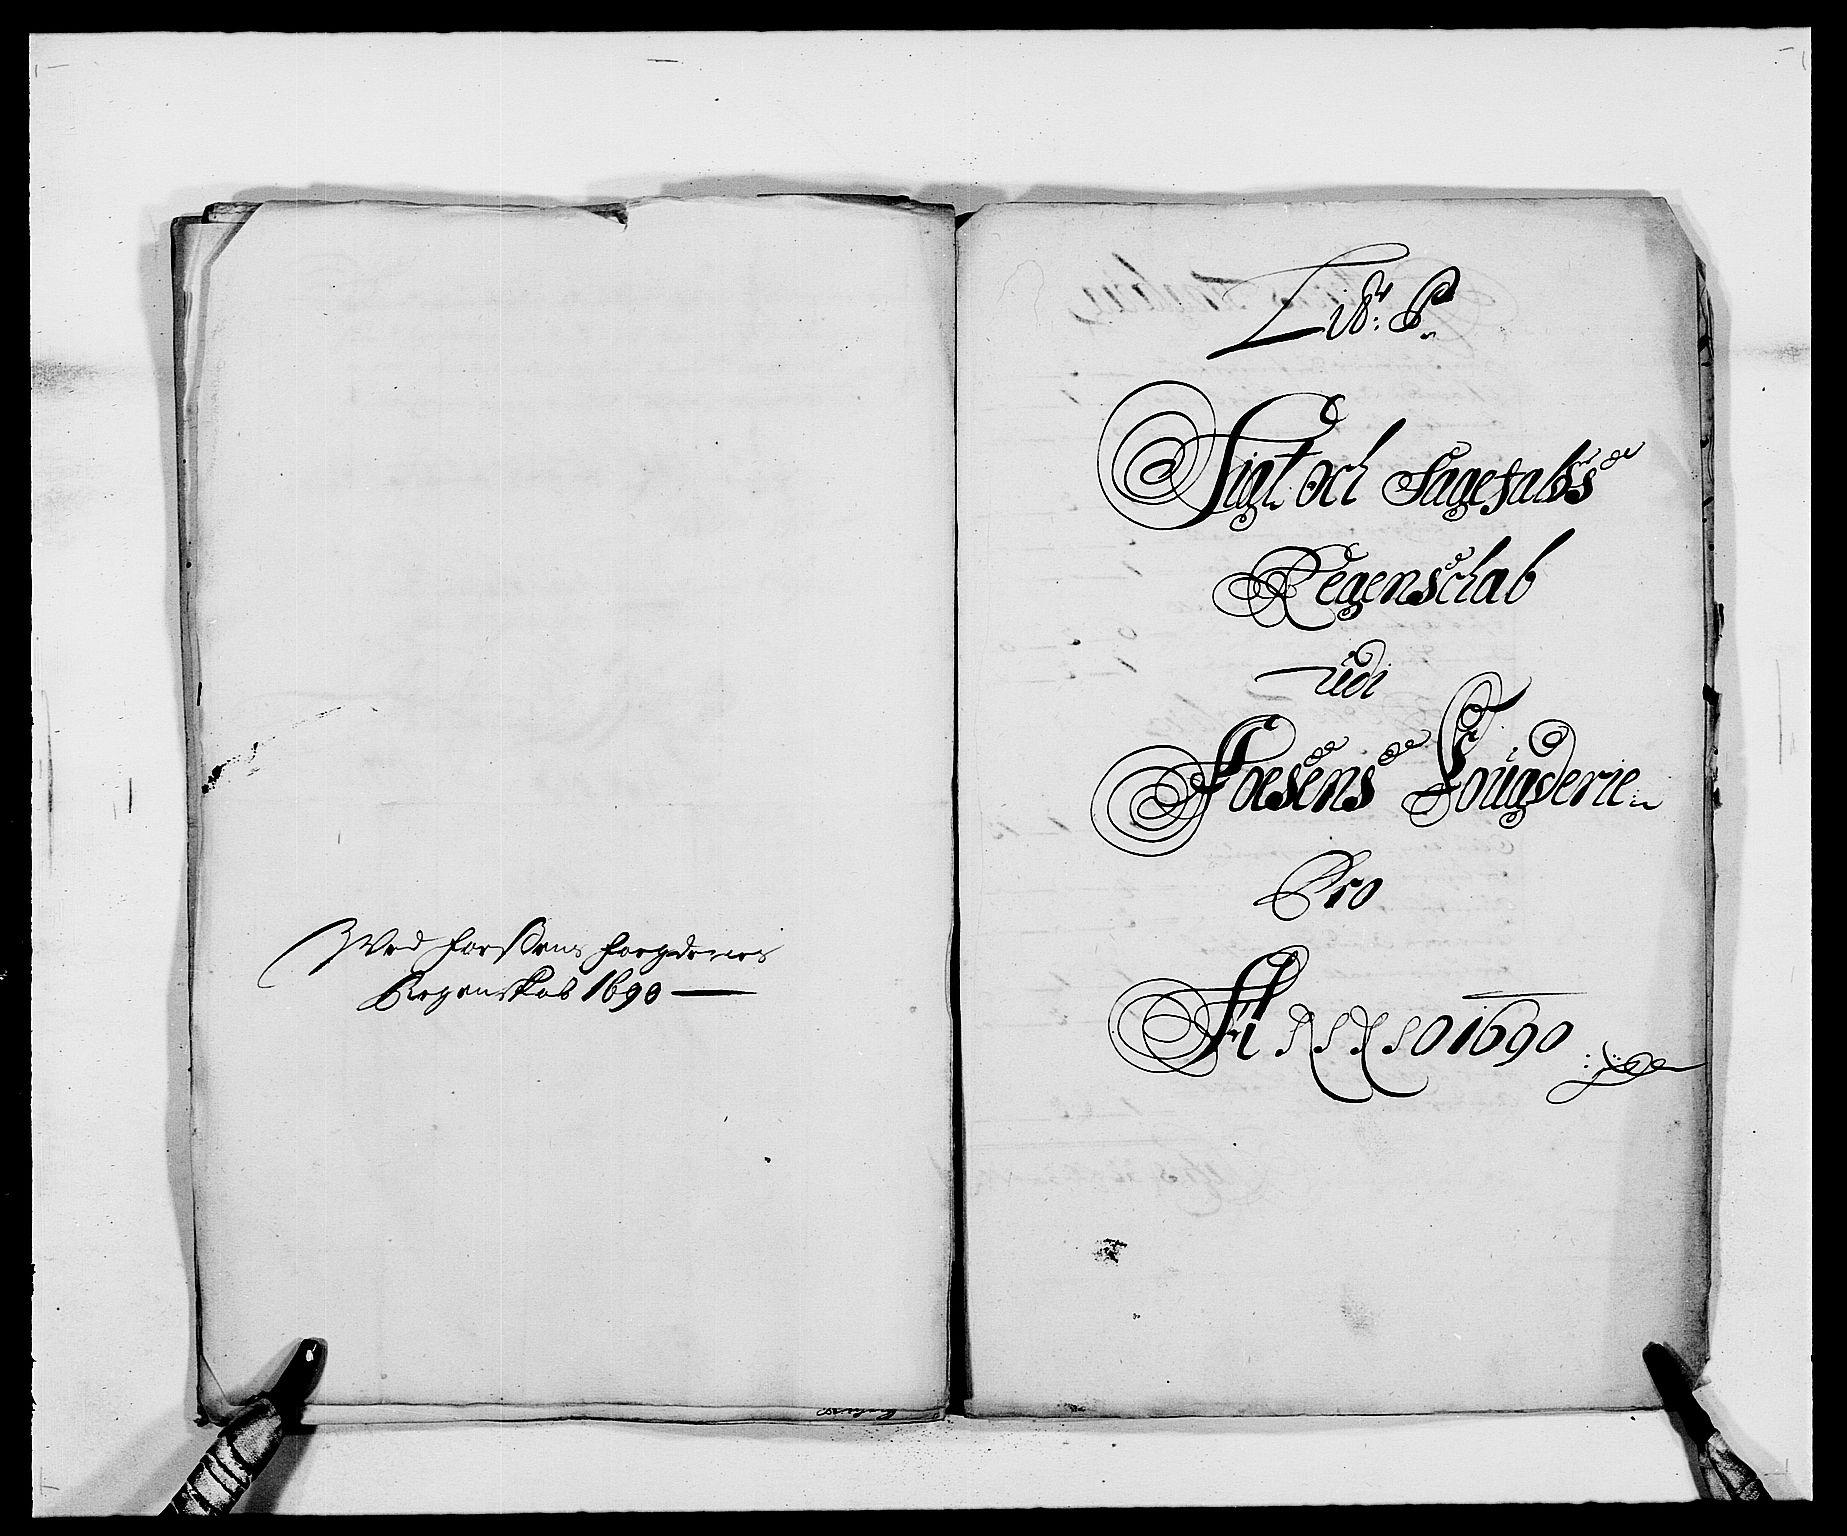 RA, Rentekammeret inntil 1814, Reviderte regnskaper, Fogderegnskap, R57/L3848: Fogderegnskap Fosen, 1690-1691, s. 183